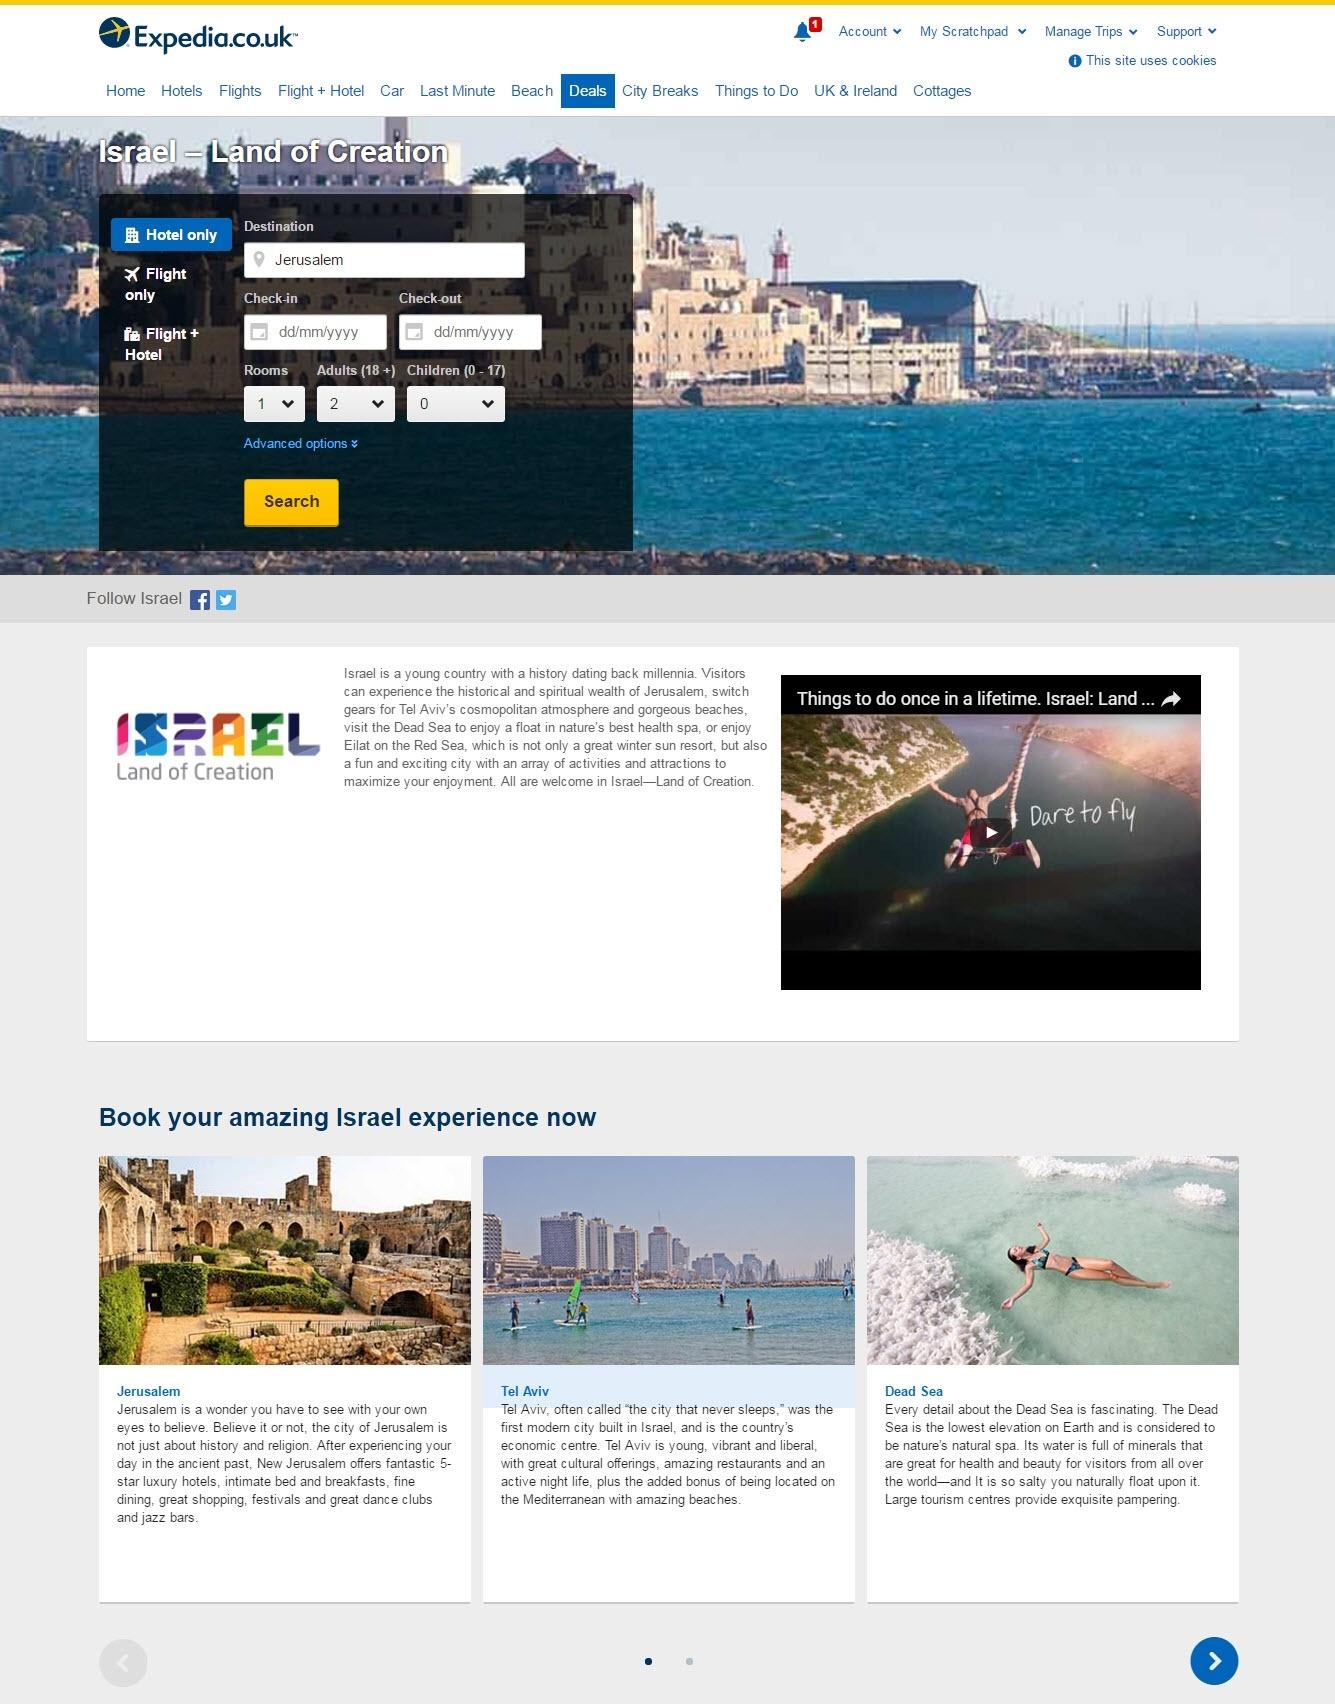 Expedia.co.uk_Israel_Landing_Page-199021-edited.jpg